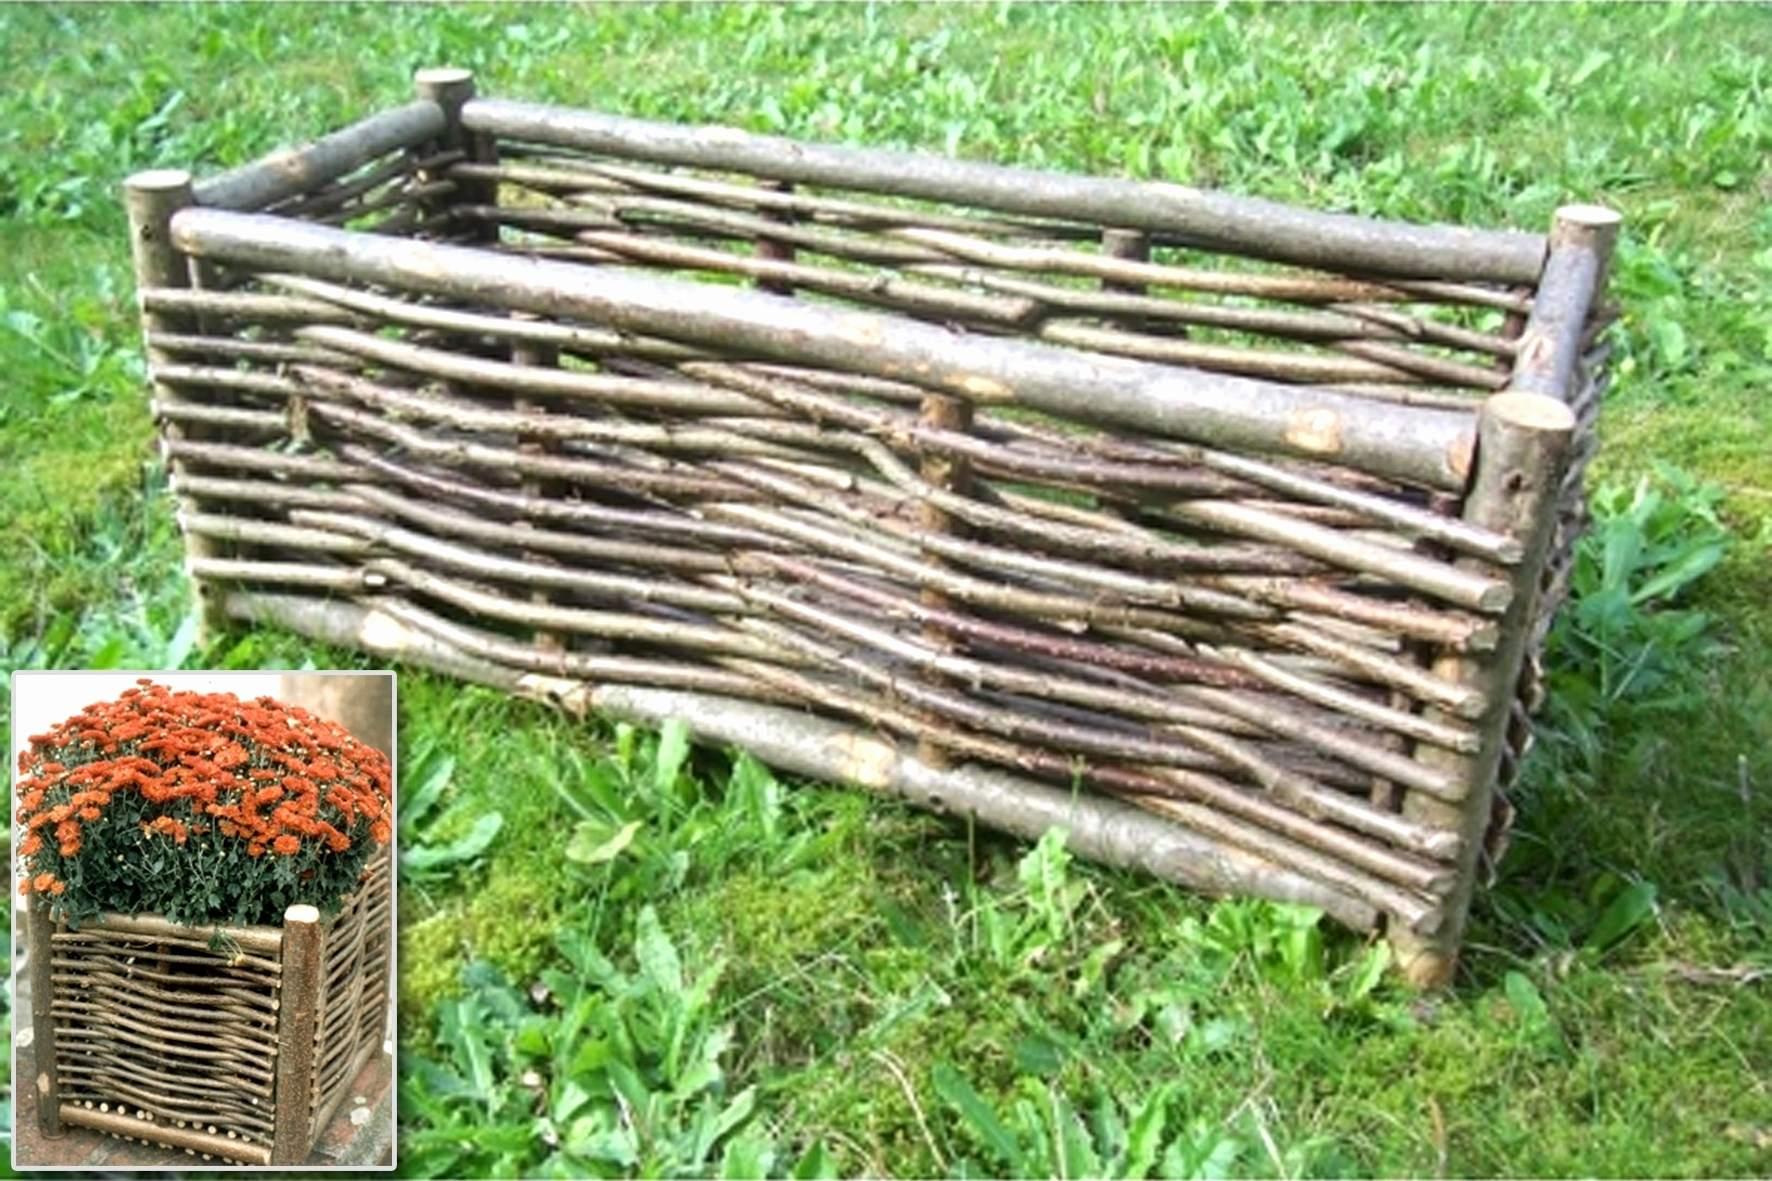 Logiciel Gratuit Paysagiste Impressionnant Image Jardin Sec Meilleur De Logiciel Jardin Paysagiste Gratuit Cuisine